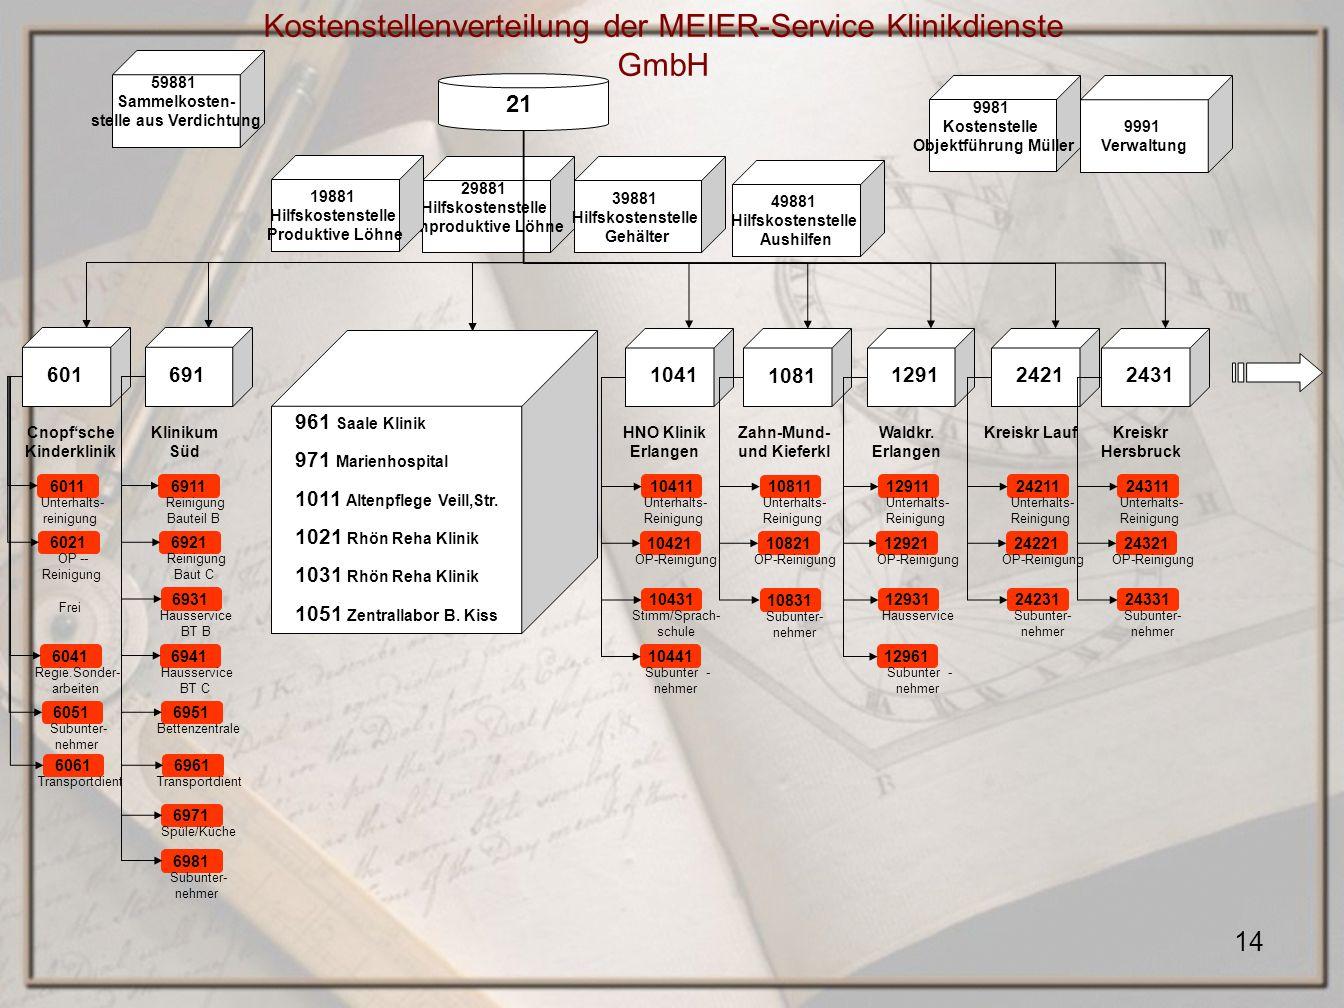 14 29881 Hilfskostenstelle unproduktive Löhne 19881 Hilfskostenstelle Produktive Löhne Kostenstellenverteilung der MEIER-Service Klinikdienste GmbH 21